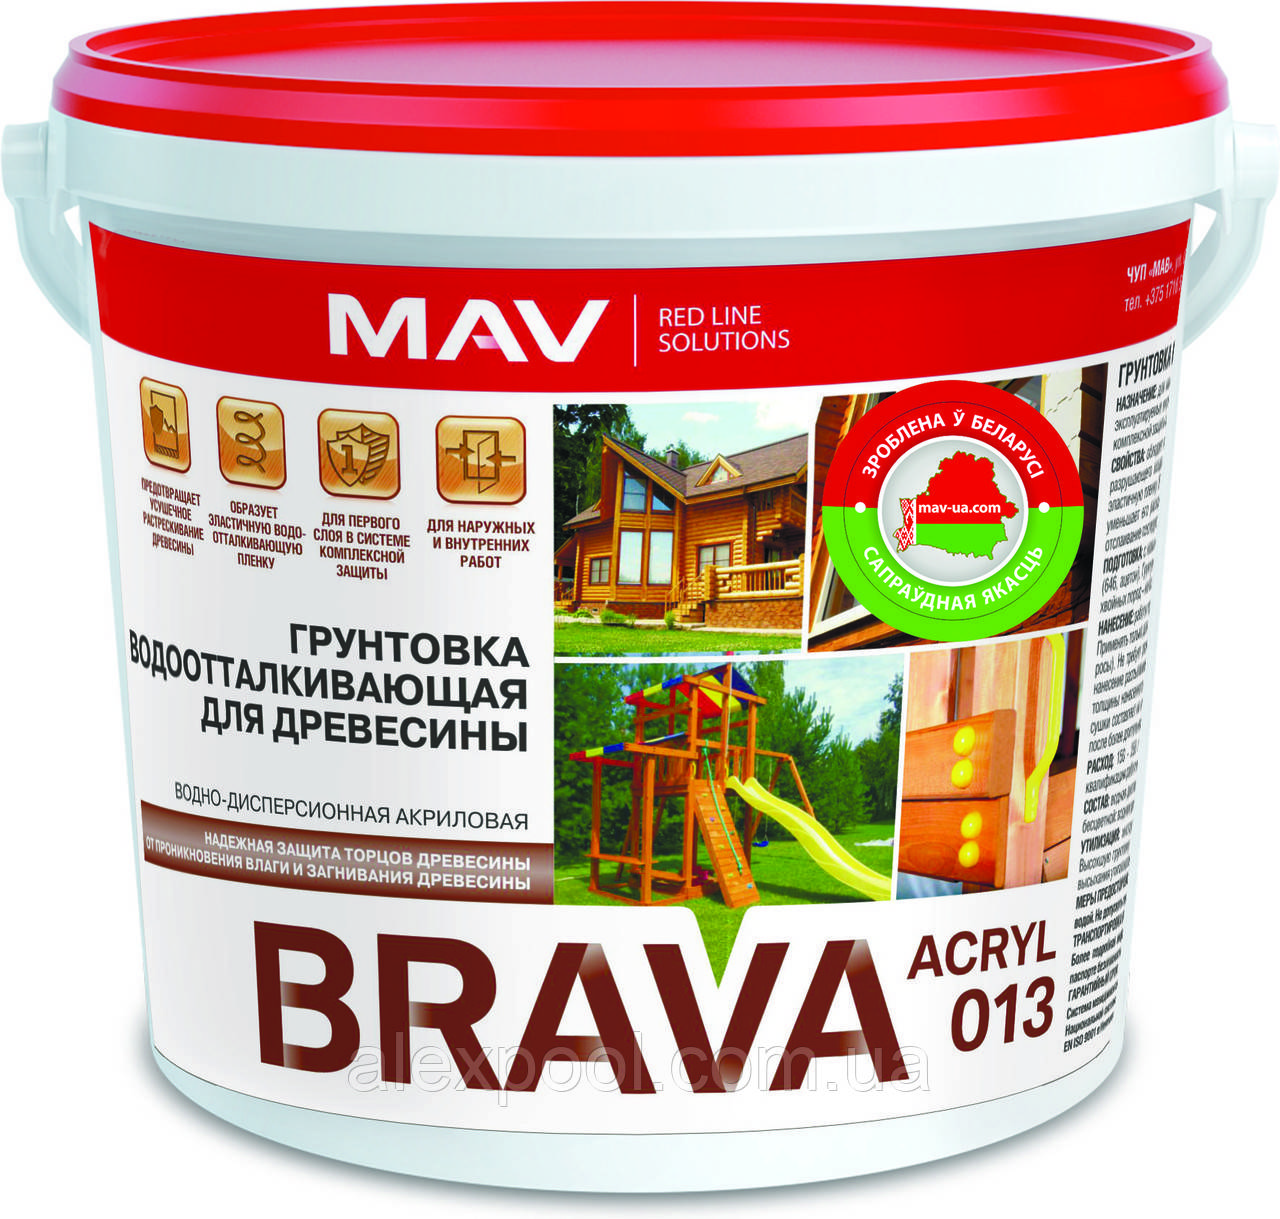 Грунтовка акриловая MAV BRAVA ACRYL 013 для дерева водоотталкивающая Бесцветная 1 литр